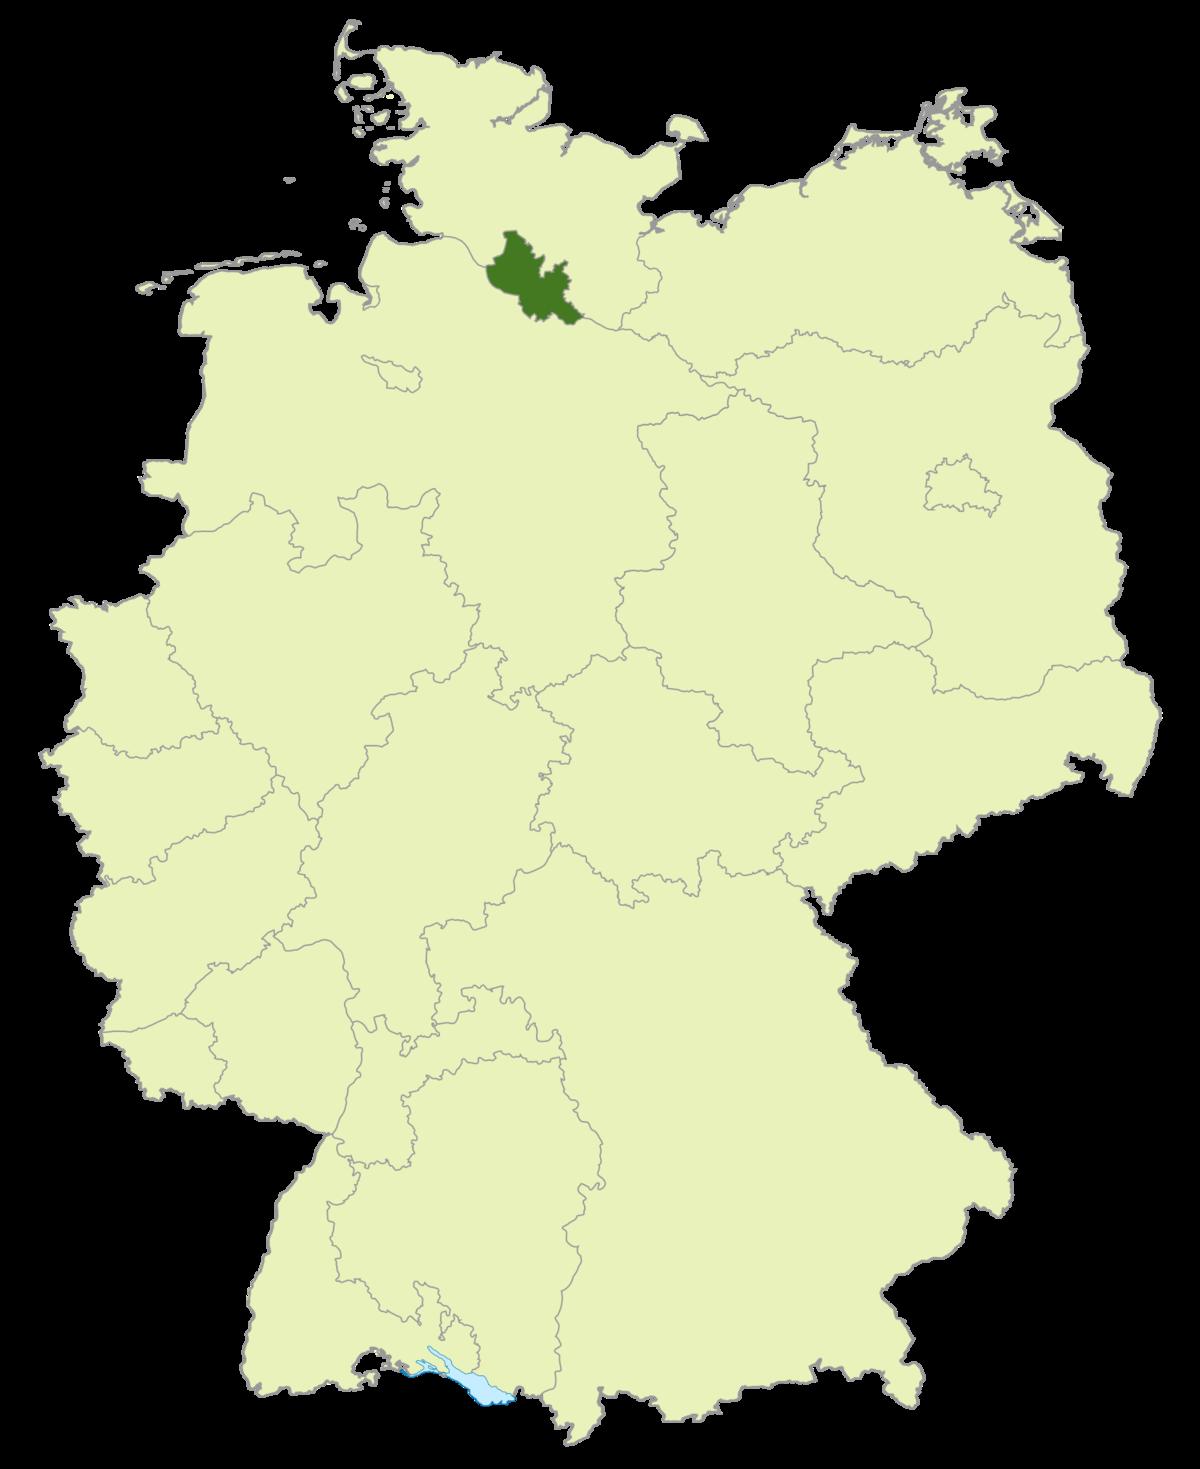 Oberliga Hamburg - Wikipedia